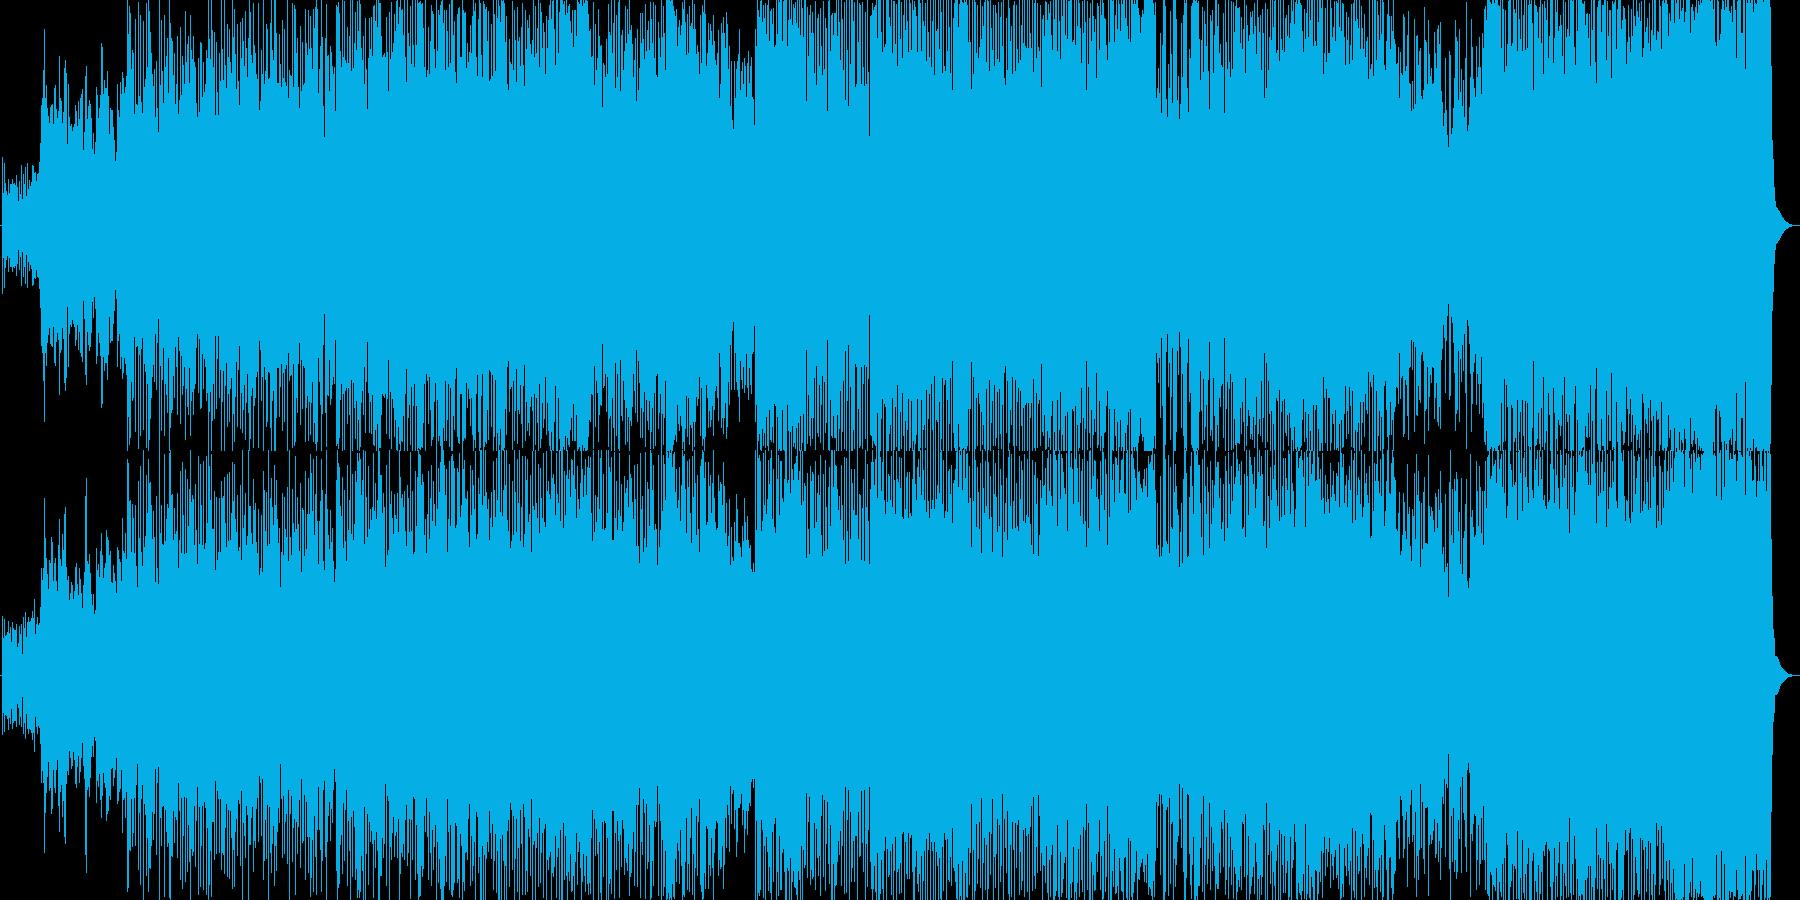 勇壮で爽やかなオーケストラ曲の再生済みの波形